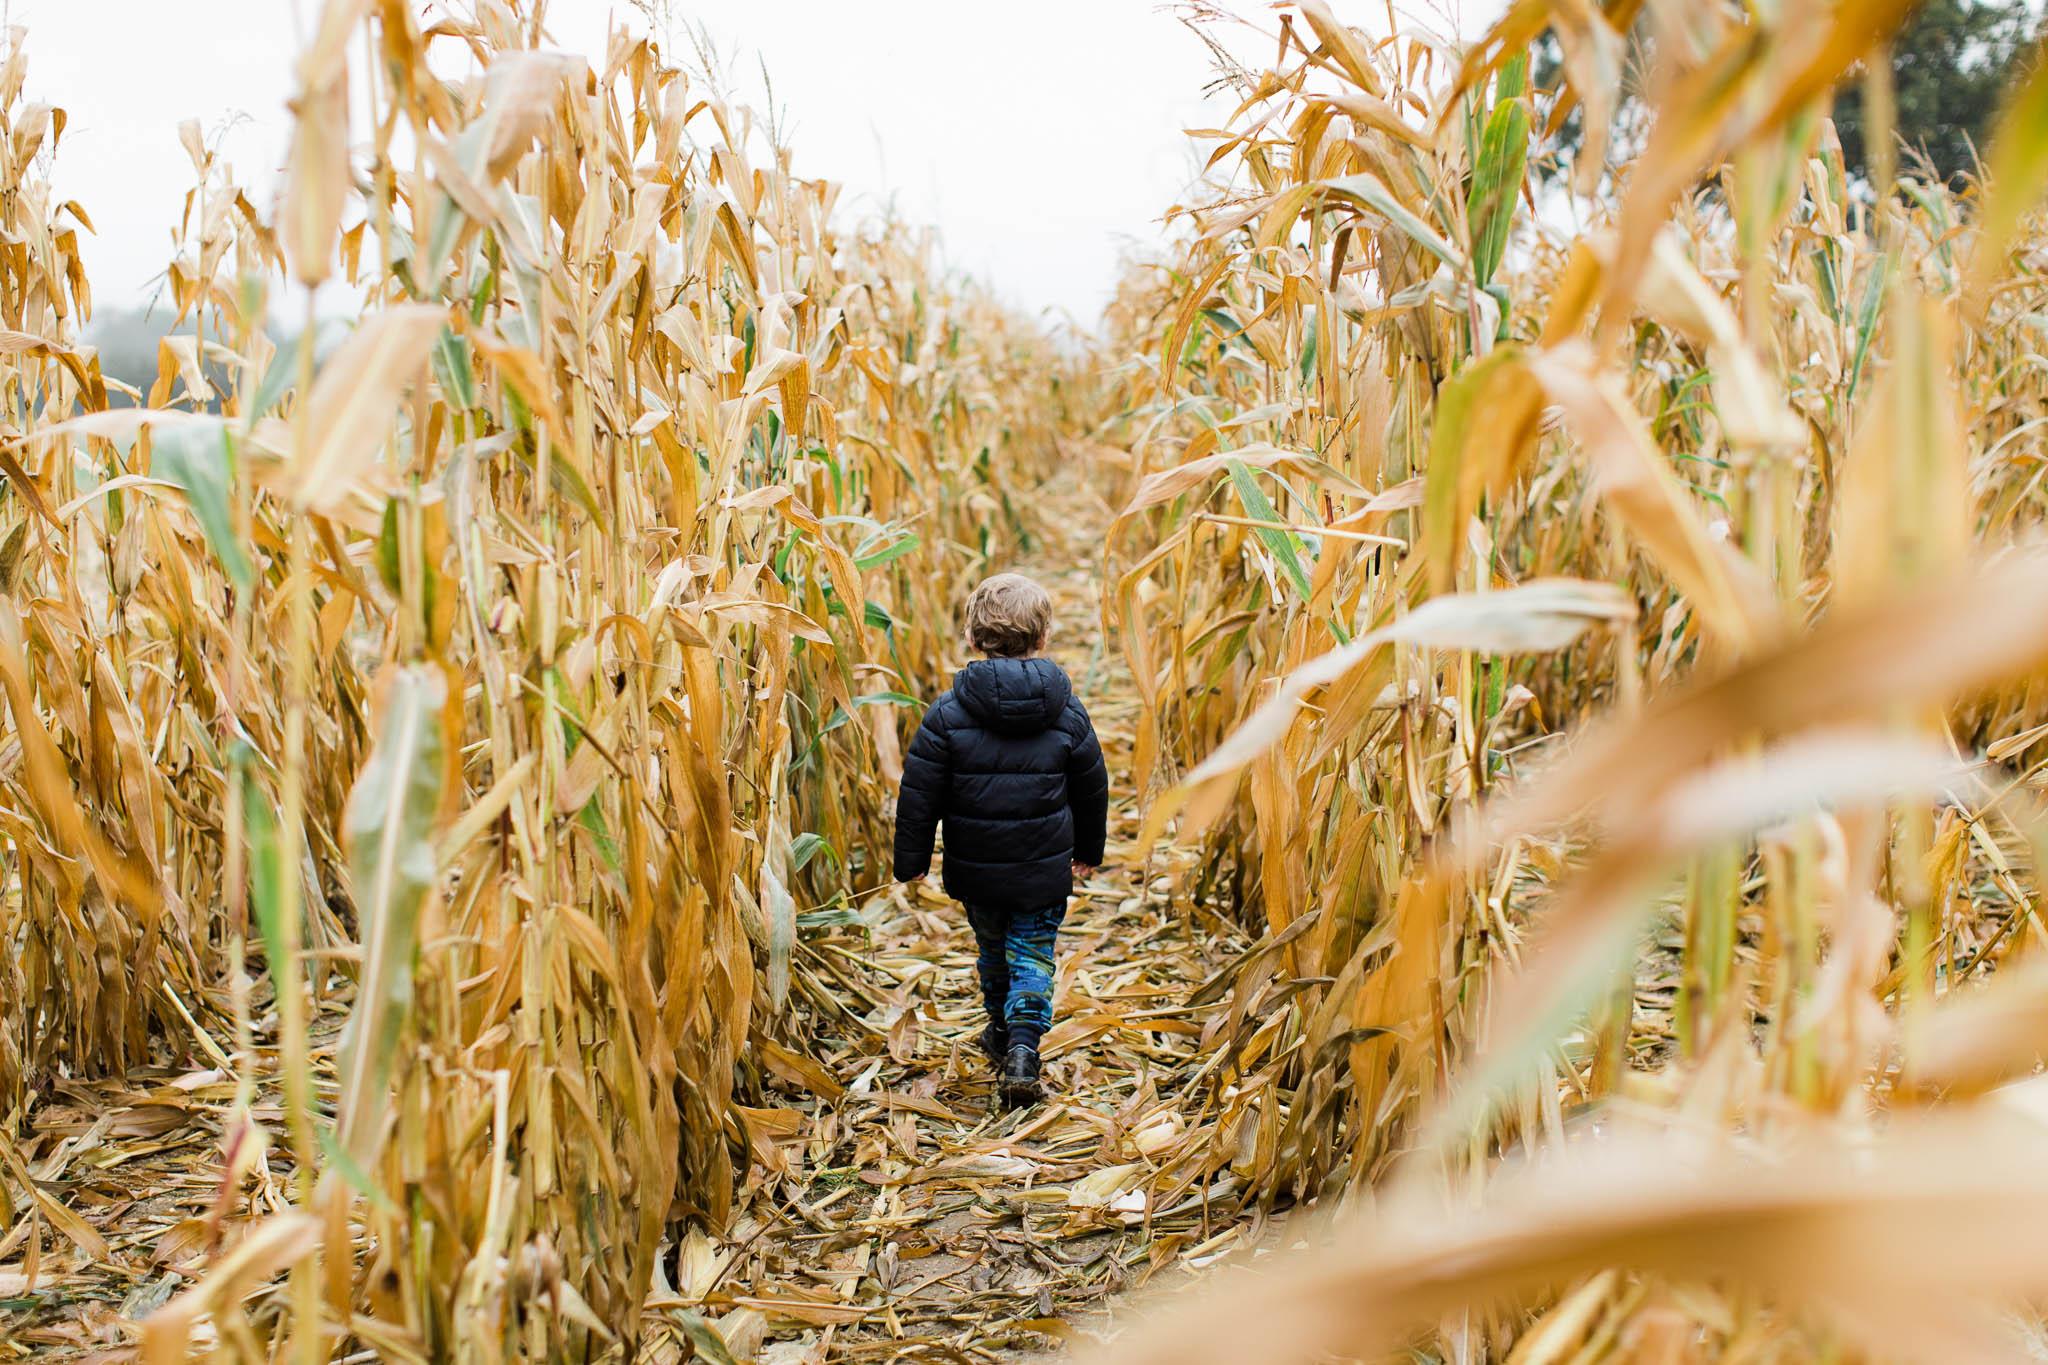 boy walking through cornfield